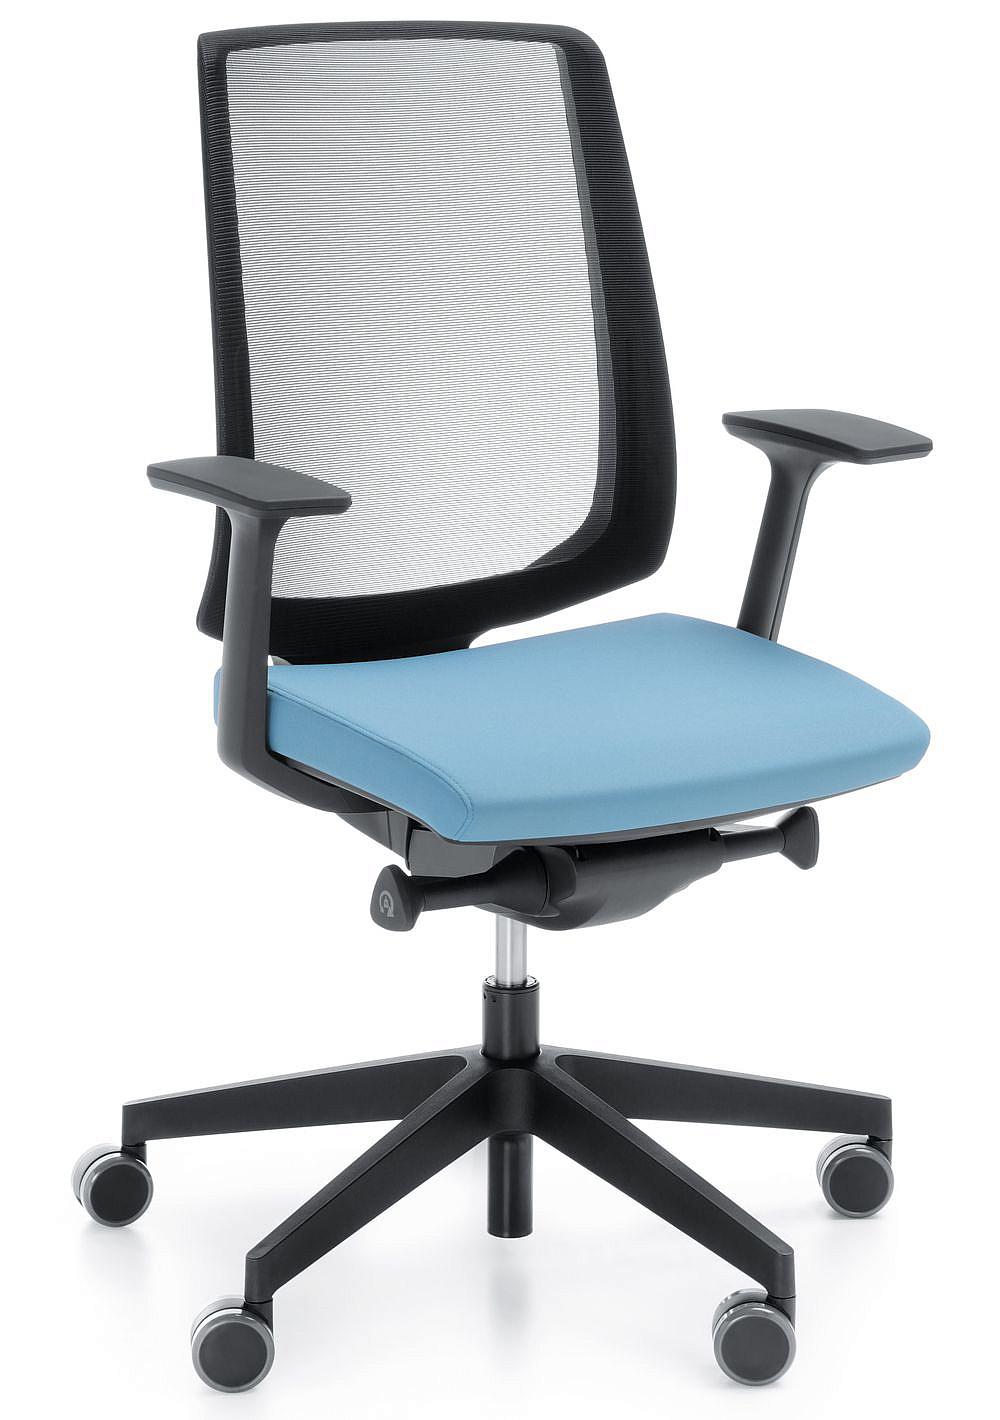 Fotel biurowy obrotowy lightUP 250